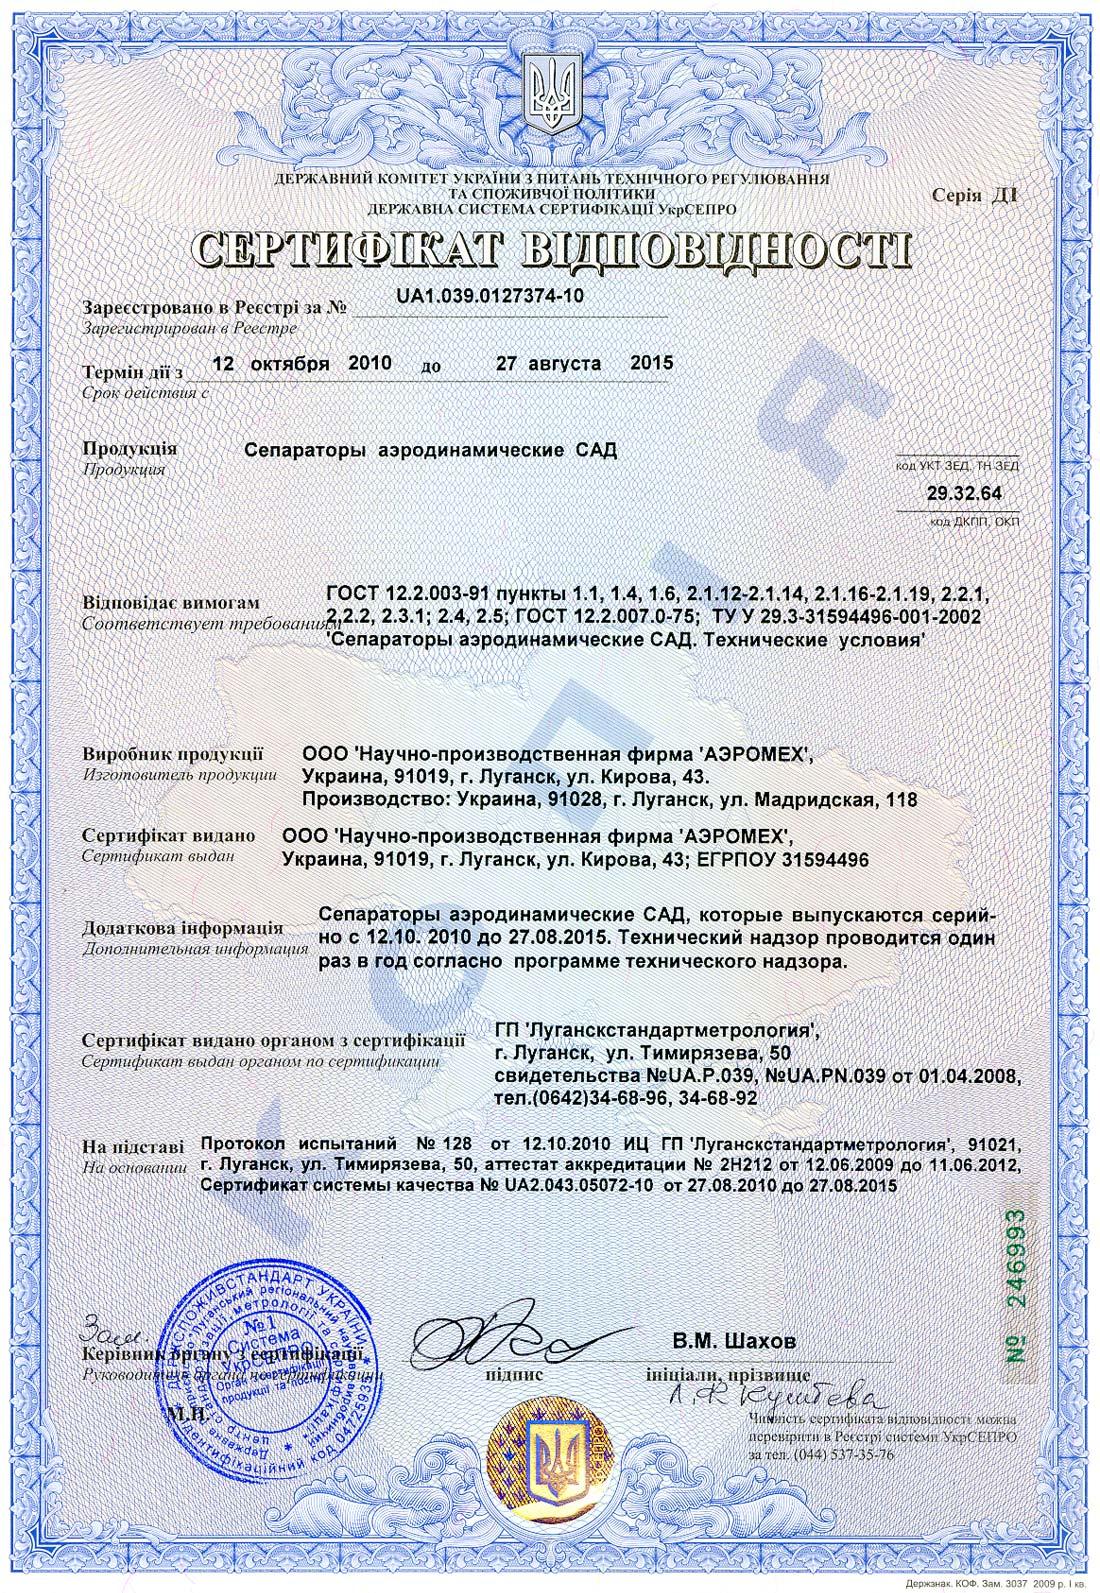 Сертифікат відповідності на продукцію сепаратор Аеродинамічний САД Аеромех